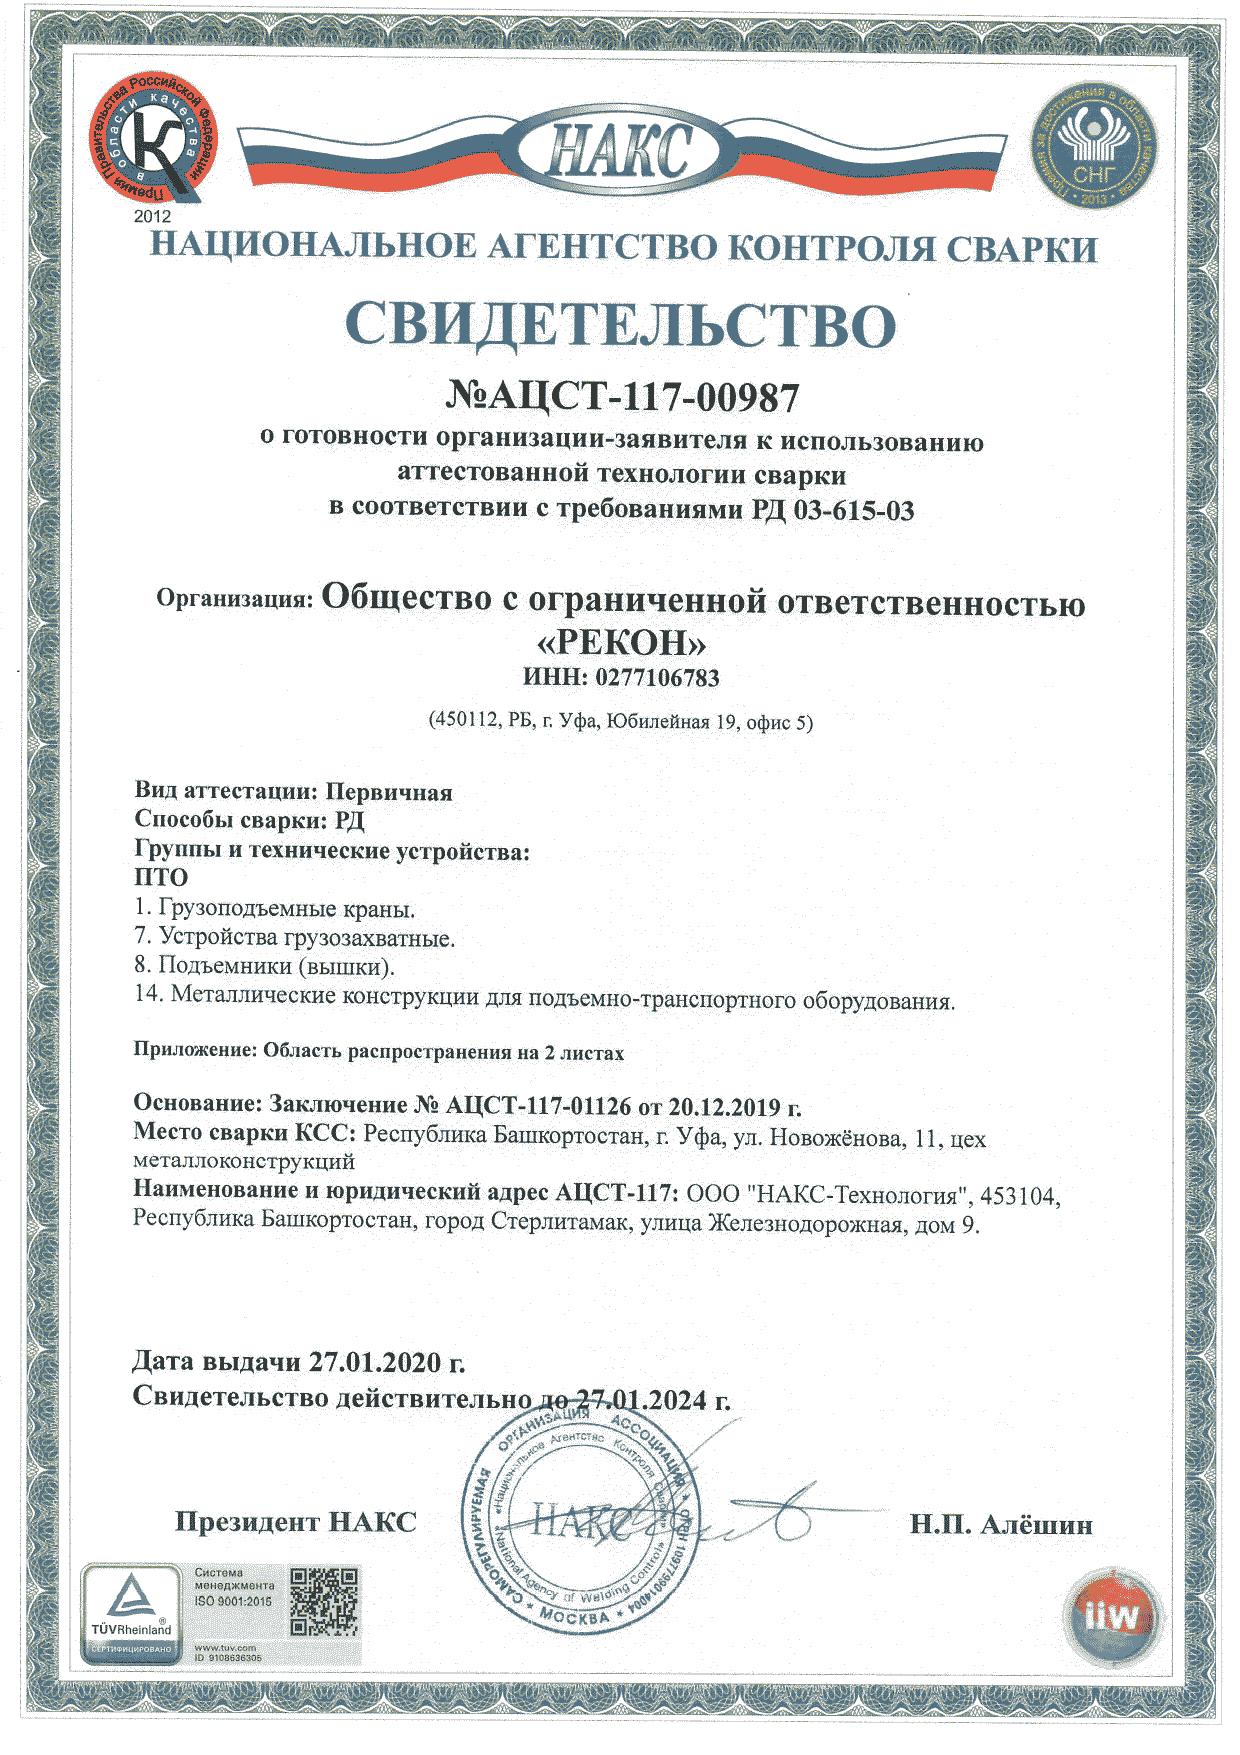 Свидетельство аттестации НАКС РЕКОН